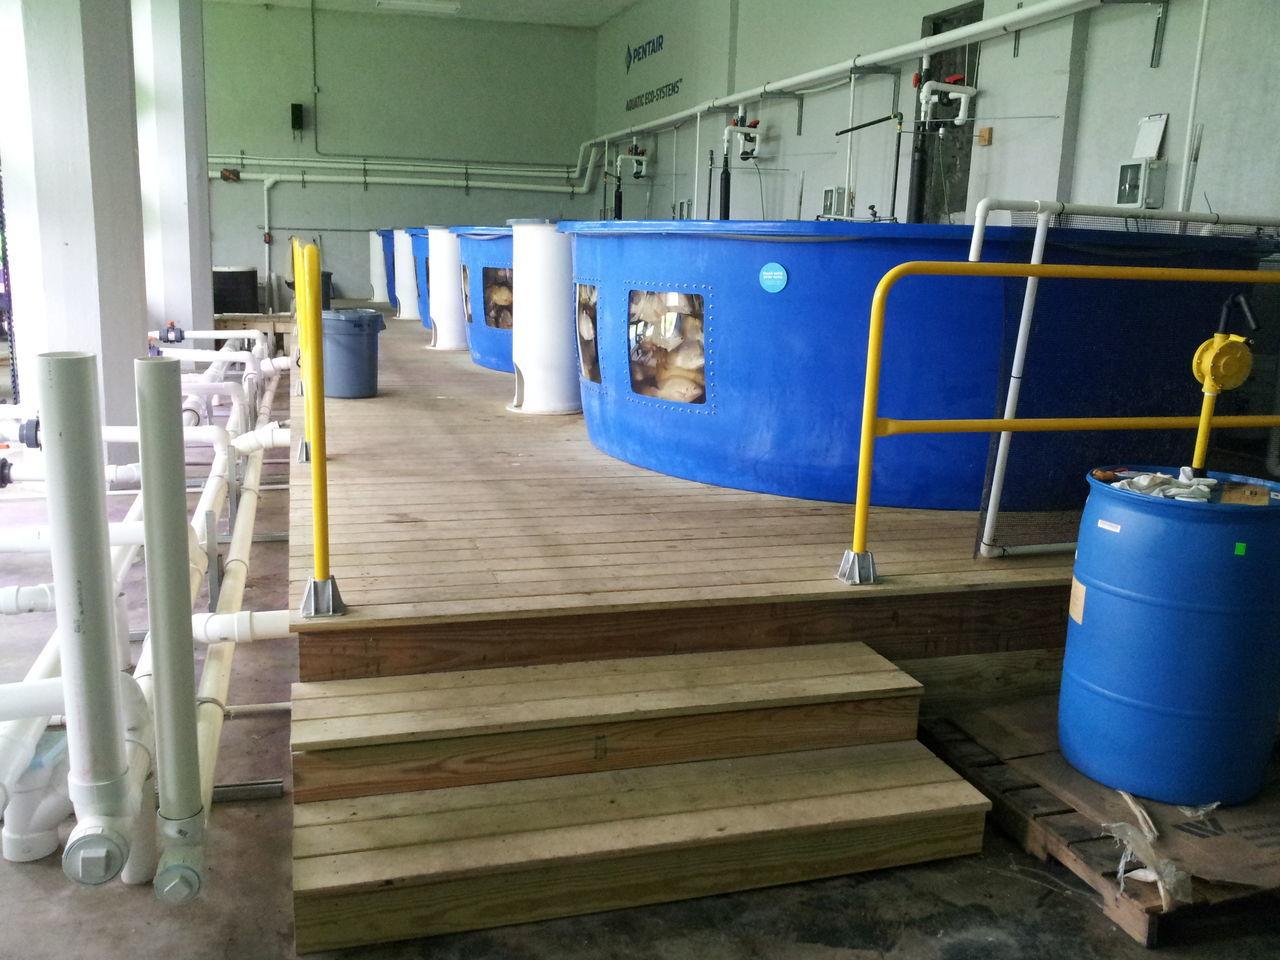 Aquaculture Alternative Agriculture Agriculture Agriculture Photography Agricultural Tilapia Tilapia Fish Tanks